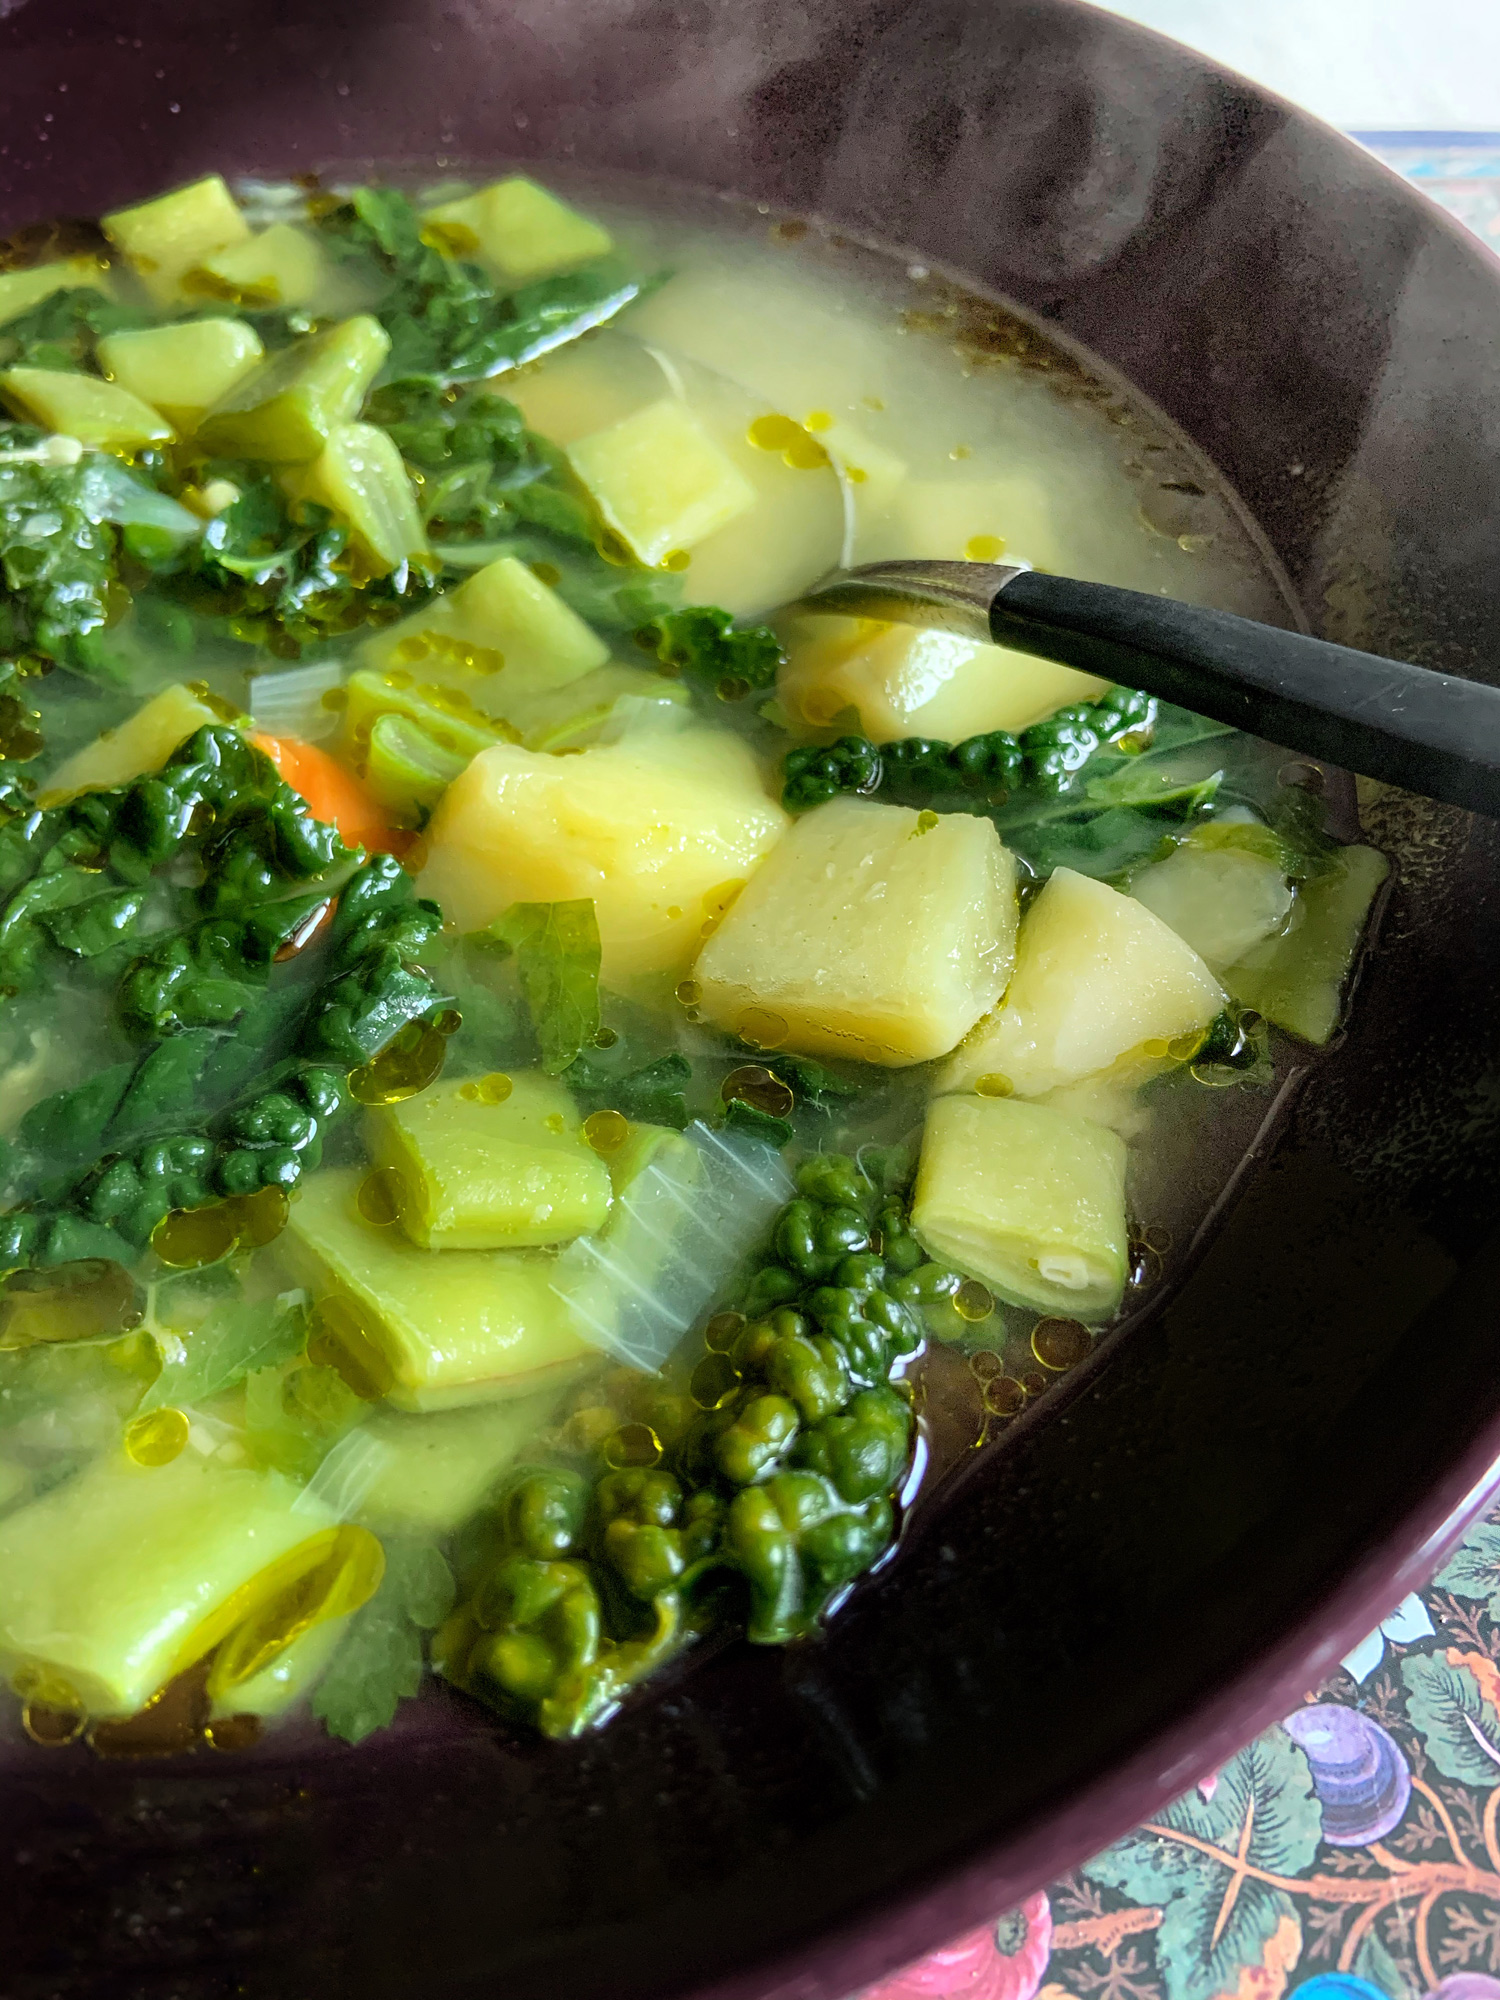 Minestrone al cavolo nero, la mia Monday Soup #22 è veloce, gustosa, vegetariana e vegana   ©foto Sandra Longinotti